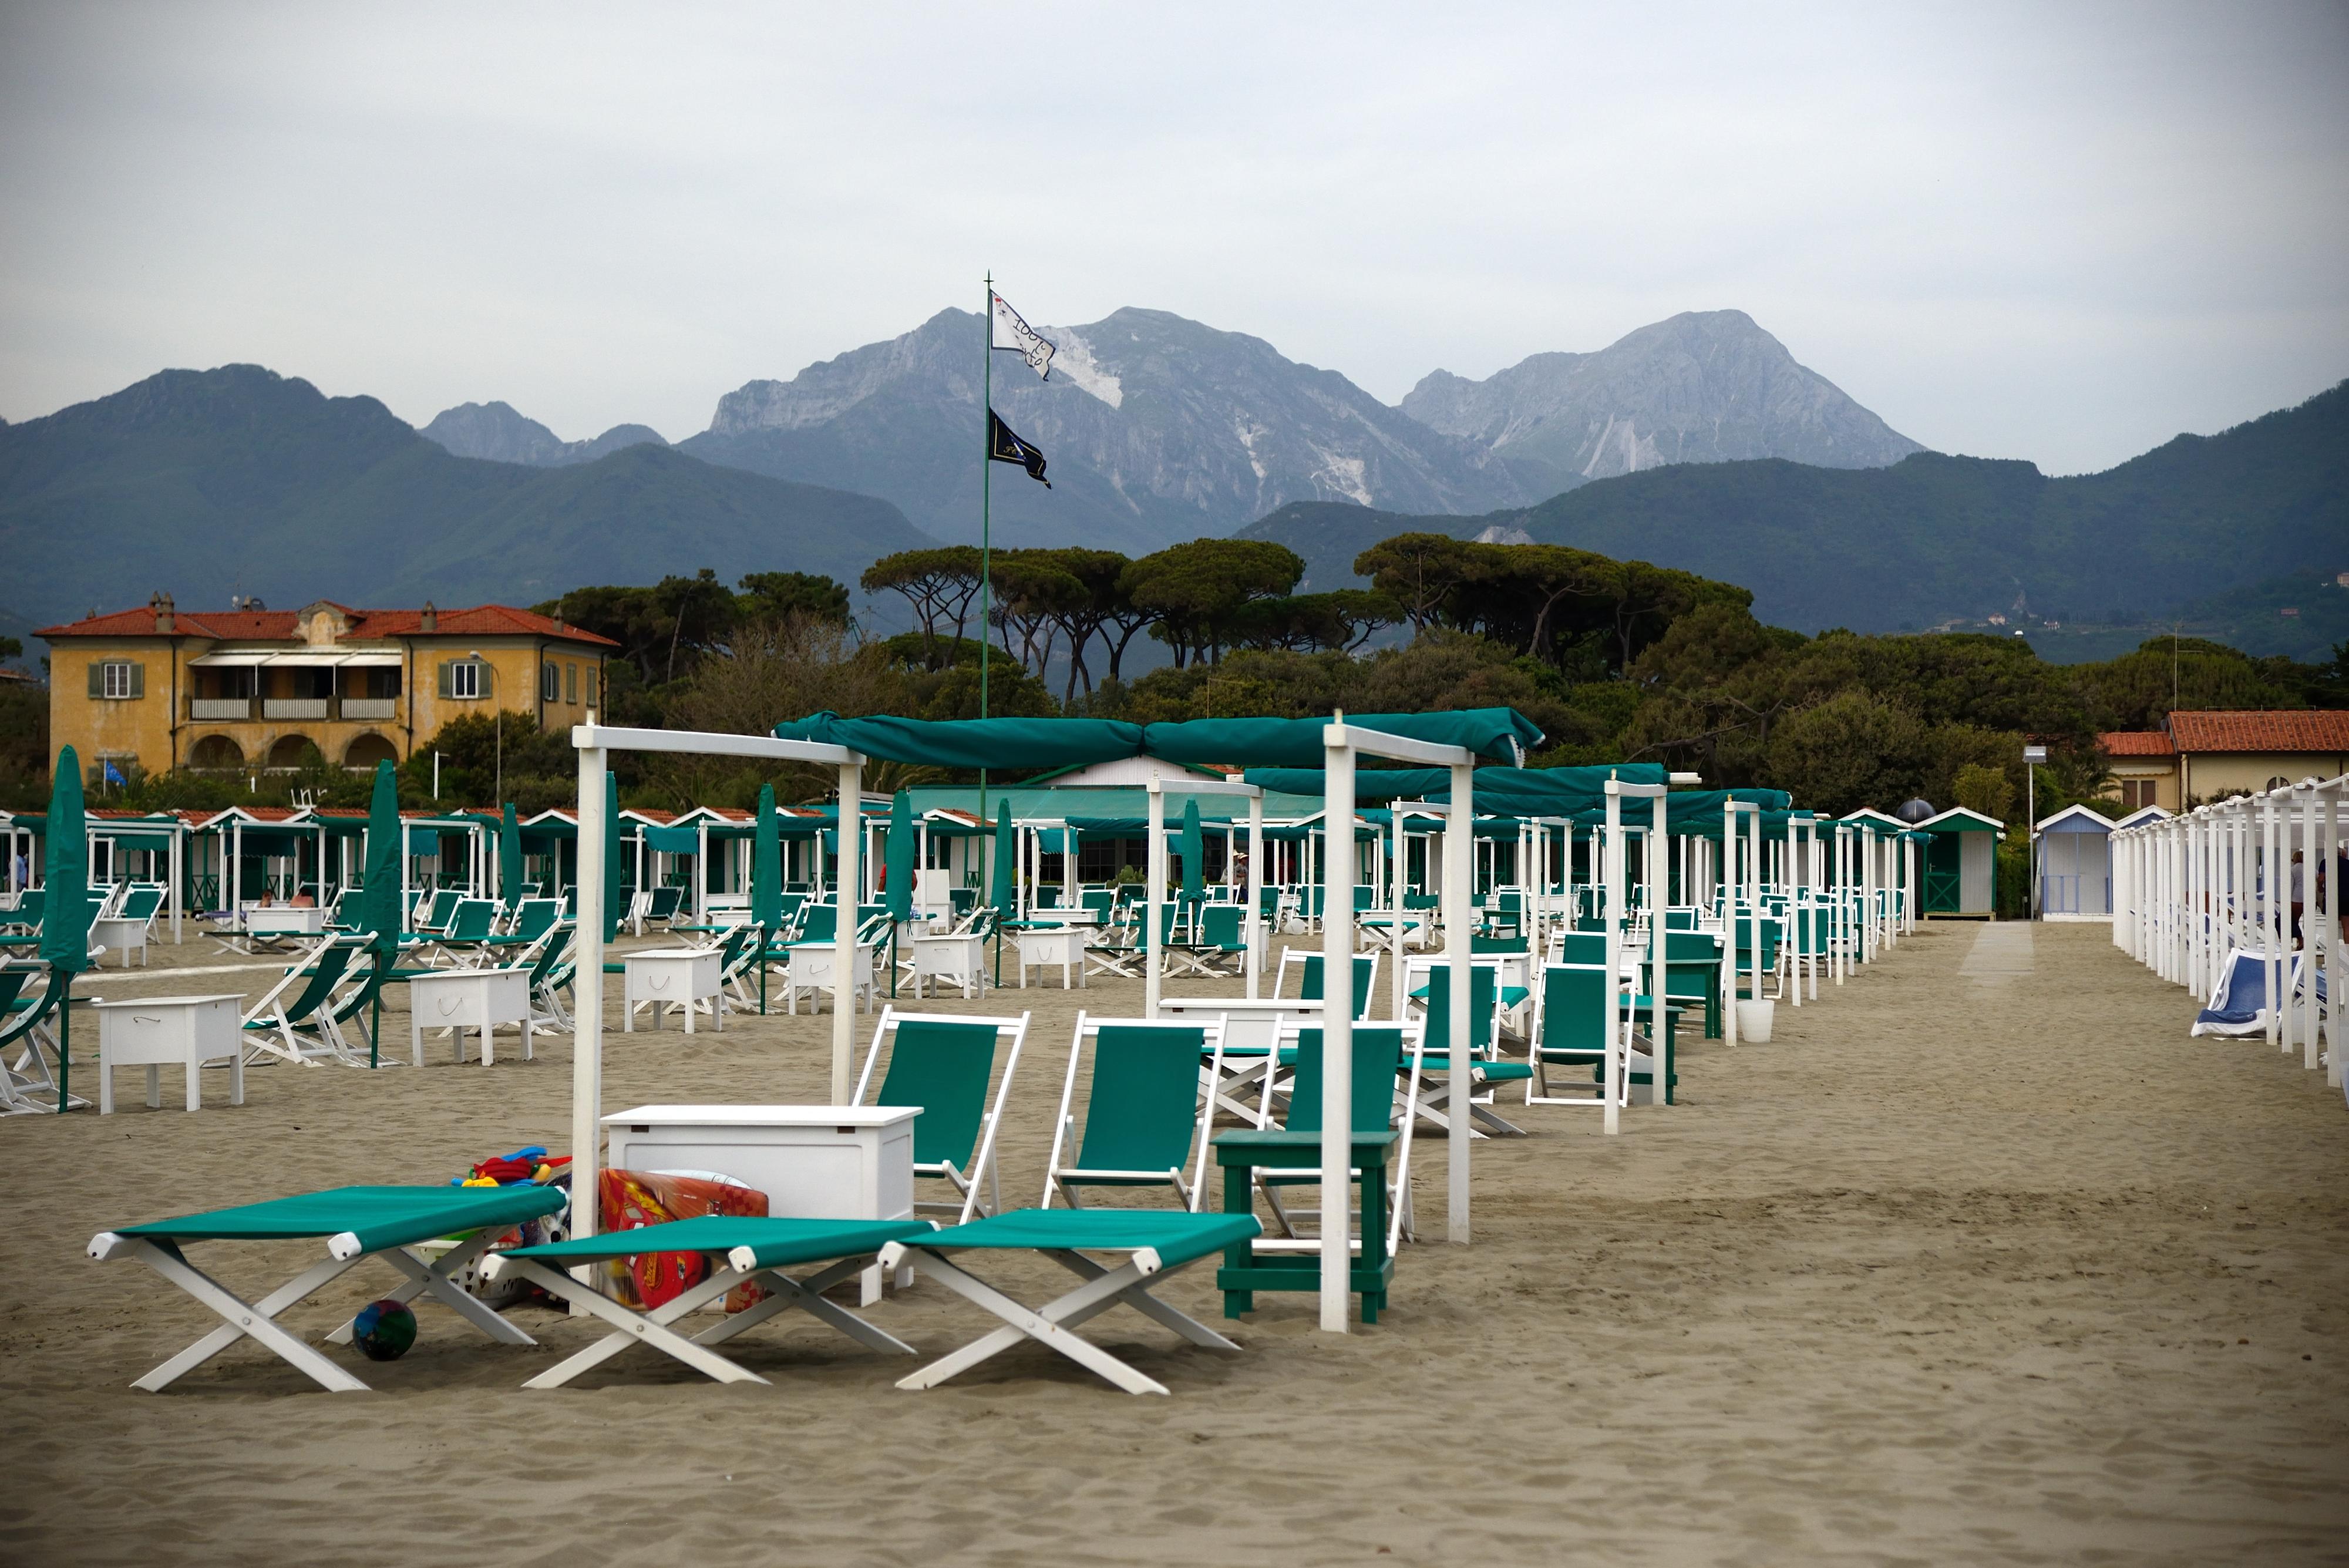 La spiaggia di forte dei marmi fondazione villa bertelli forte dei marmi - Il giardino forte dei marmi ...